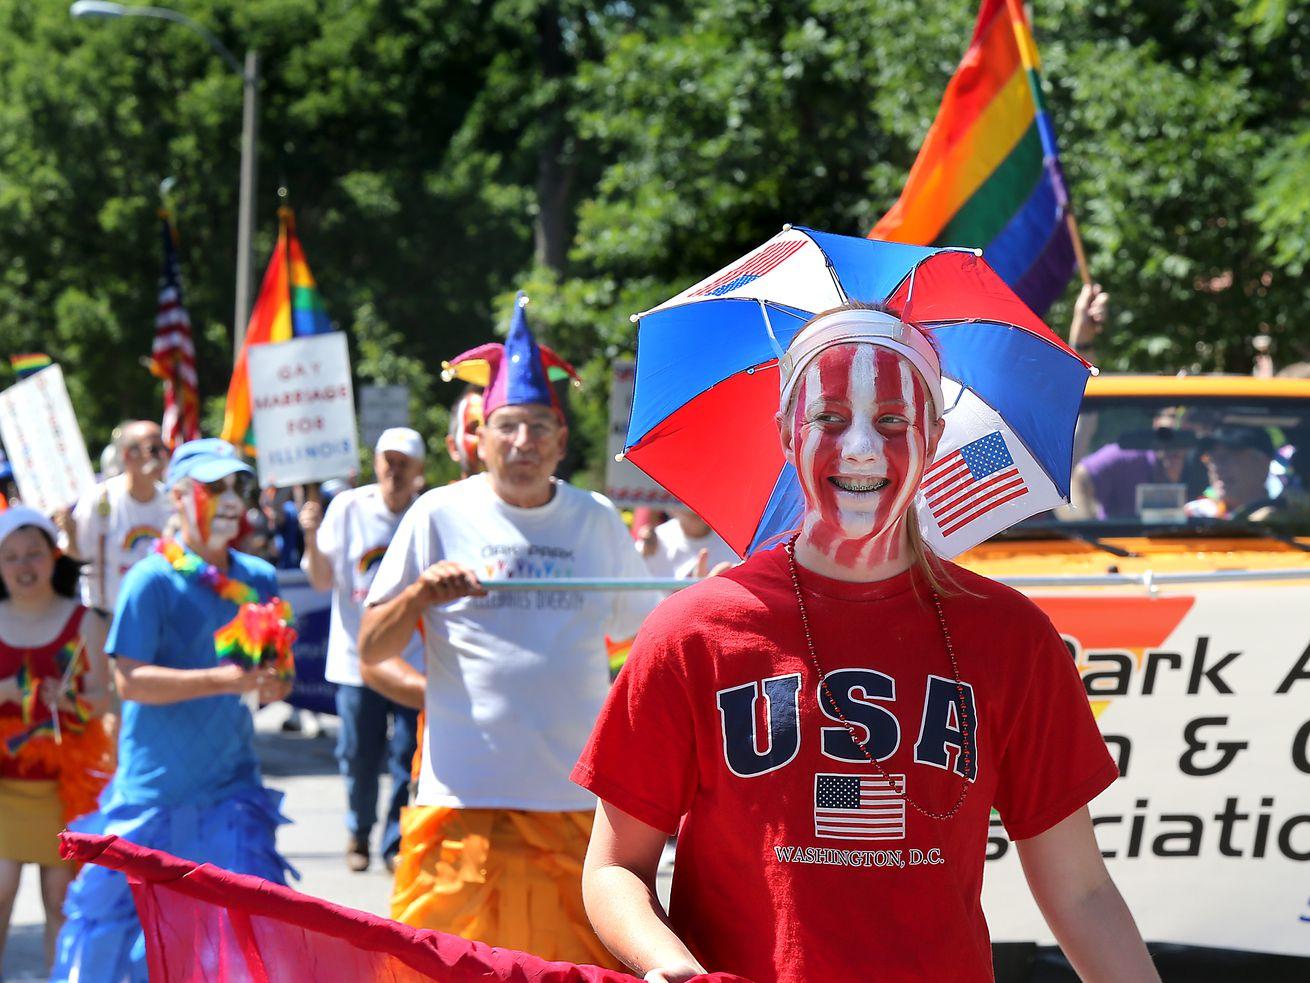 Fourth of July revelers in Oak Park in 2014.